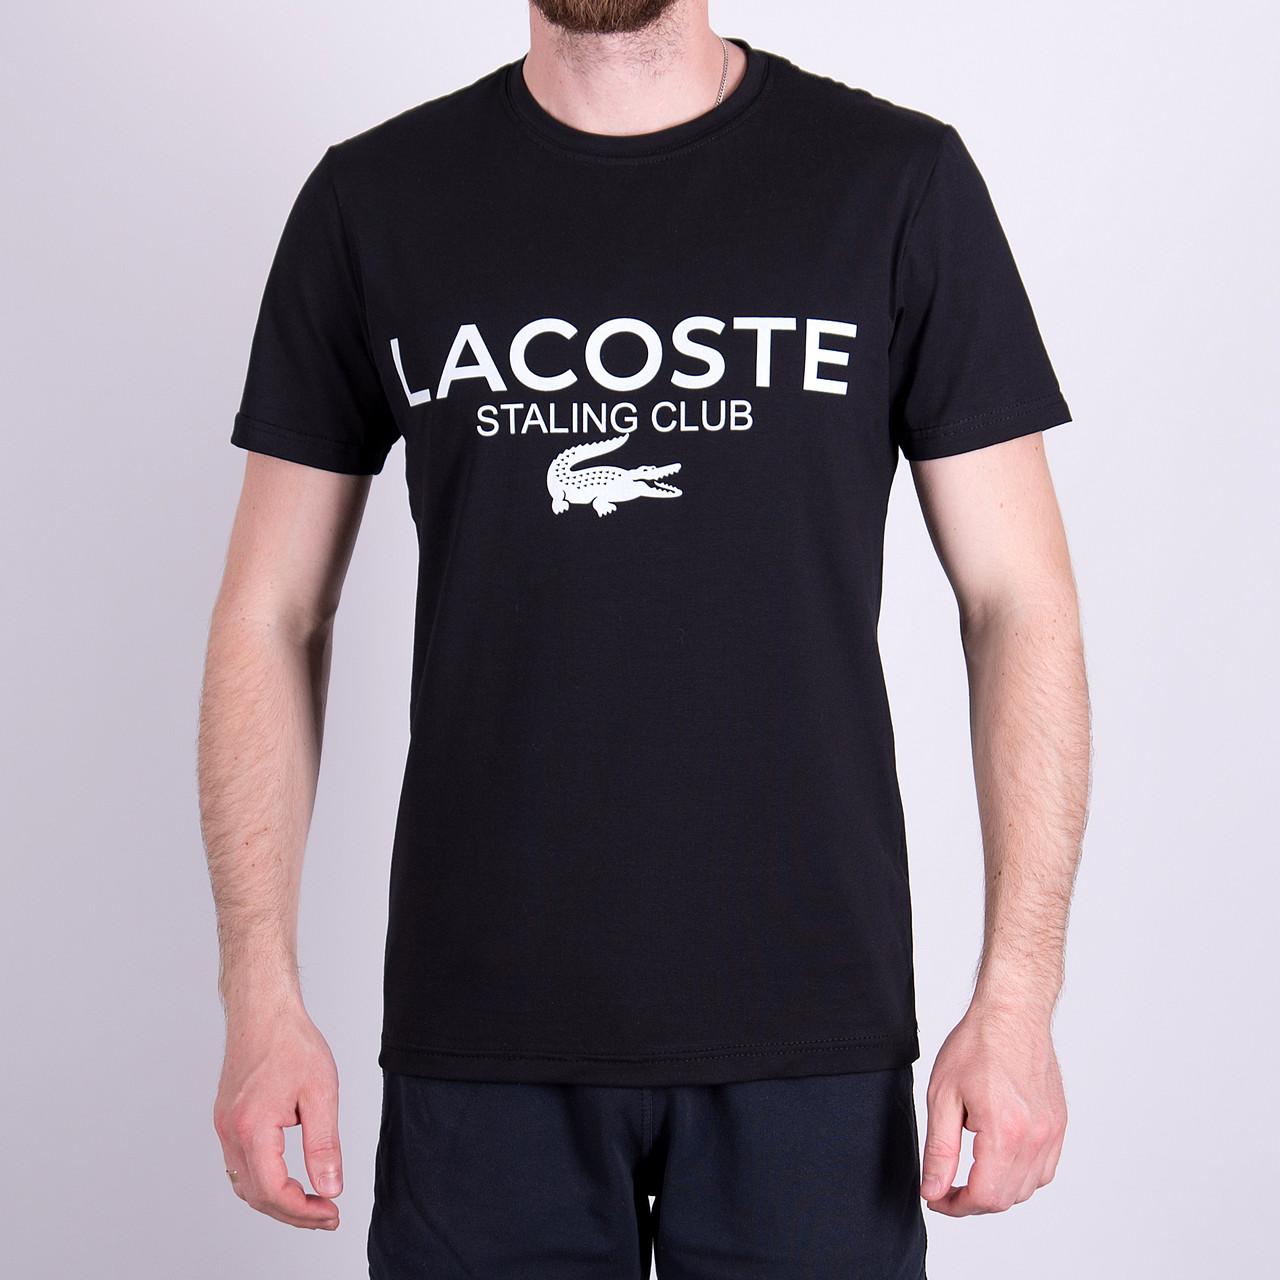 Чоловіча футболка LACOSTE, чорного кольору